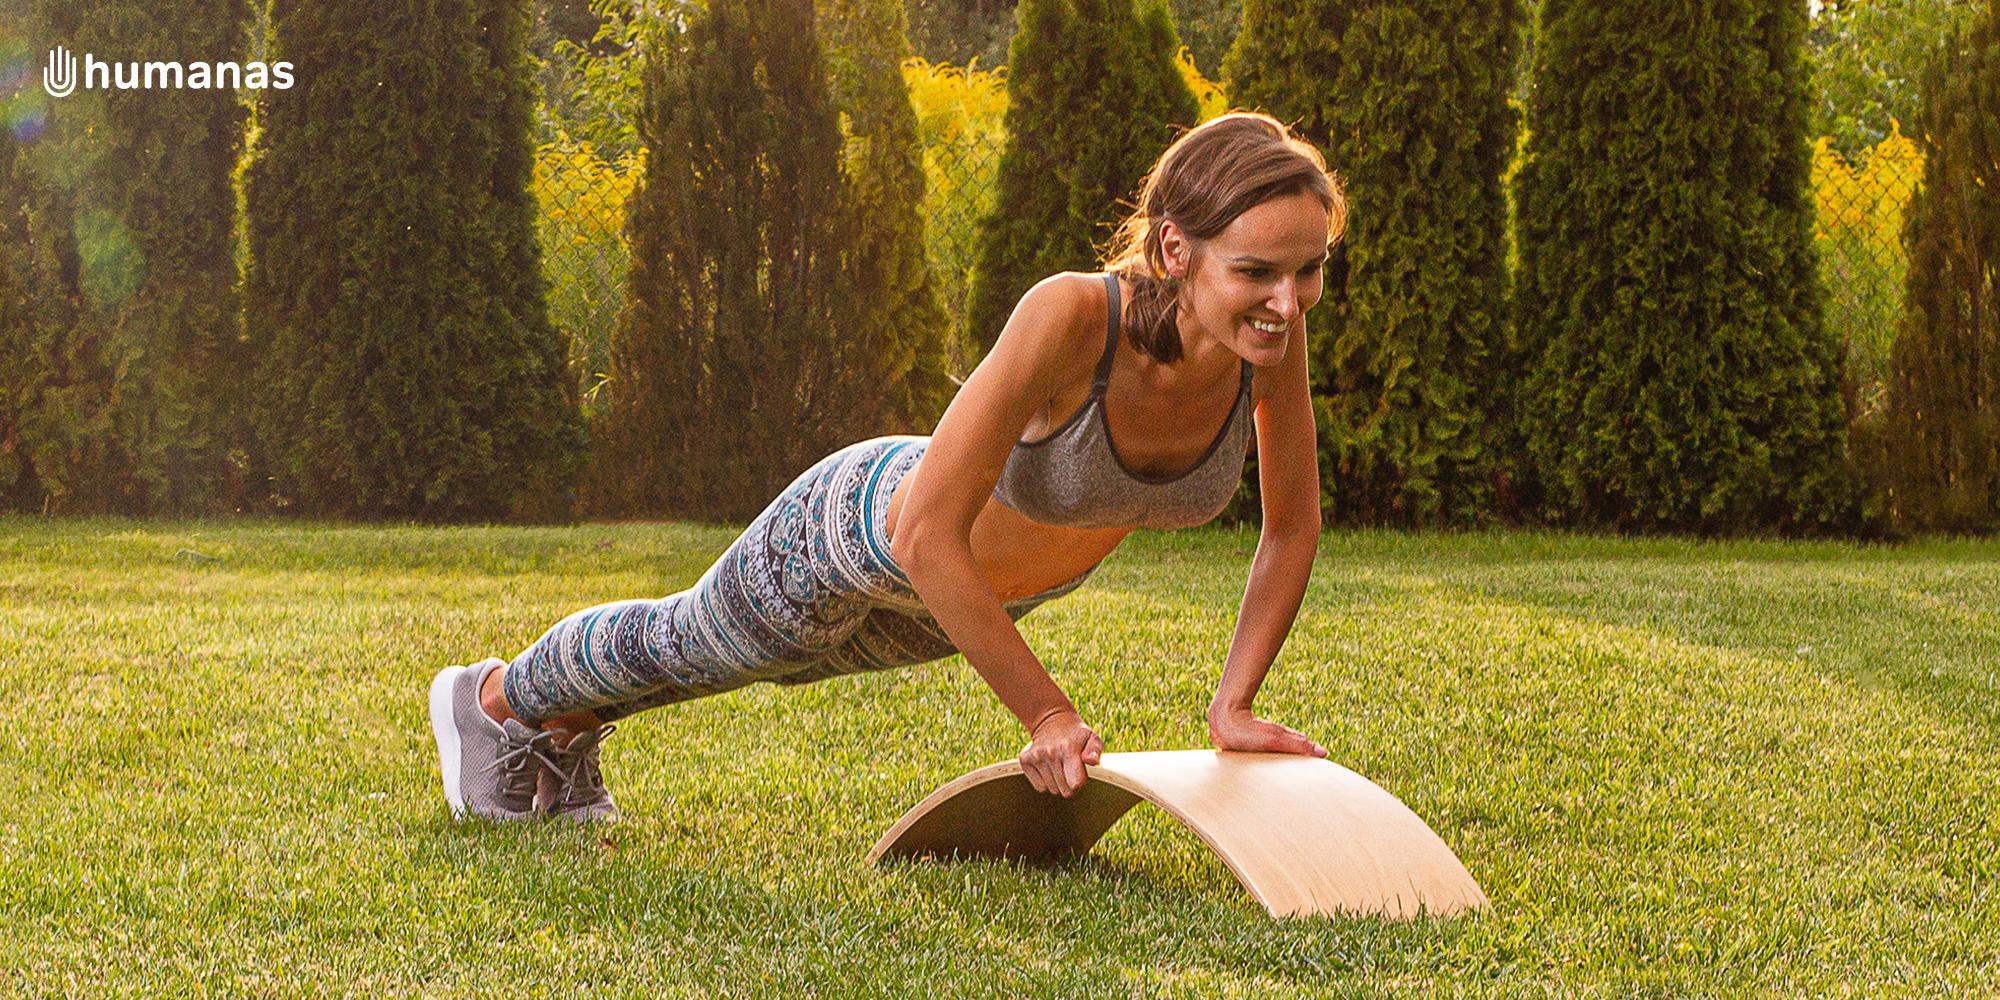 Młoda kobieta wykonuje ćwiczenia wzmacniające mięśnie przy użyciu deski do balansowania Humanas BoardOne